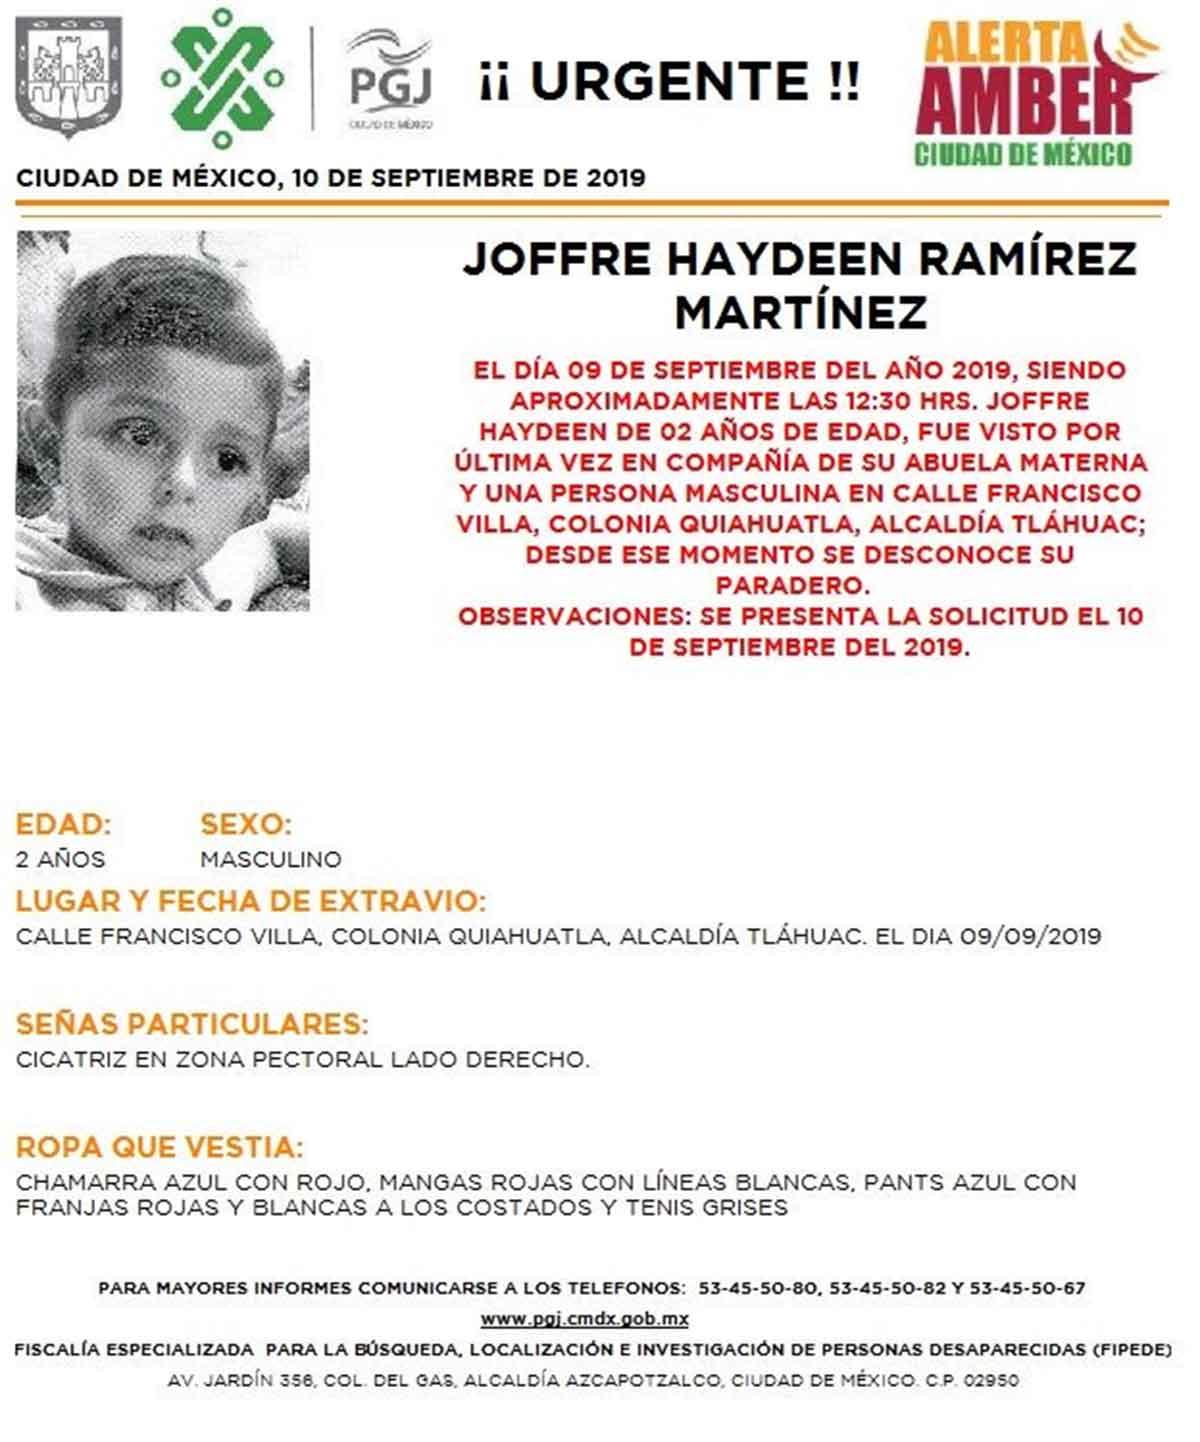 Joffre Haydeen Ramírez Martínez desapareció en la alcaldía Tláhuac el 9 de septiembre.